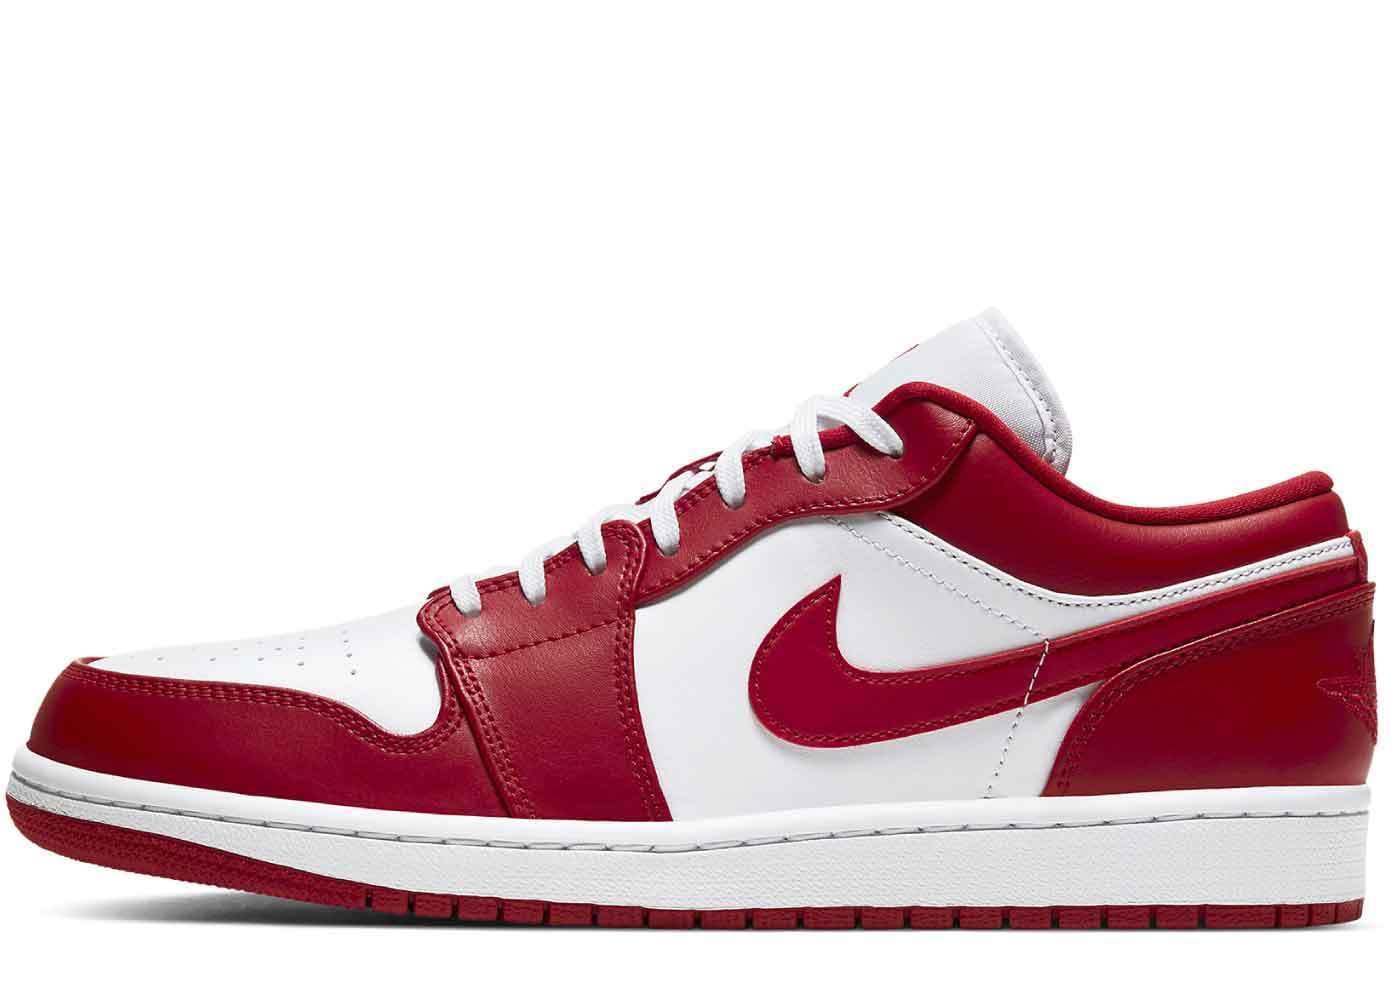 Nike Air Jordan 1 Low Gym Red Whiteの写真